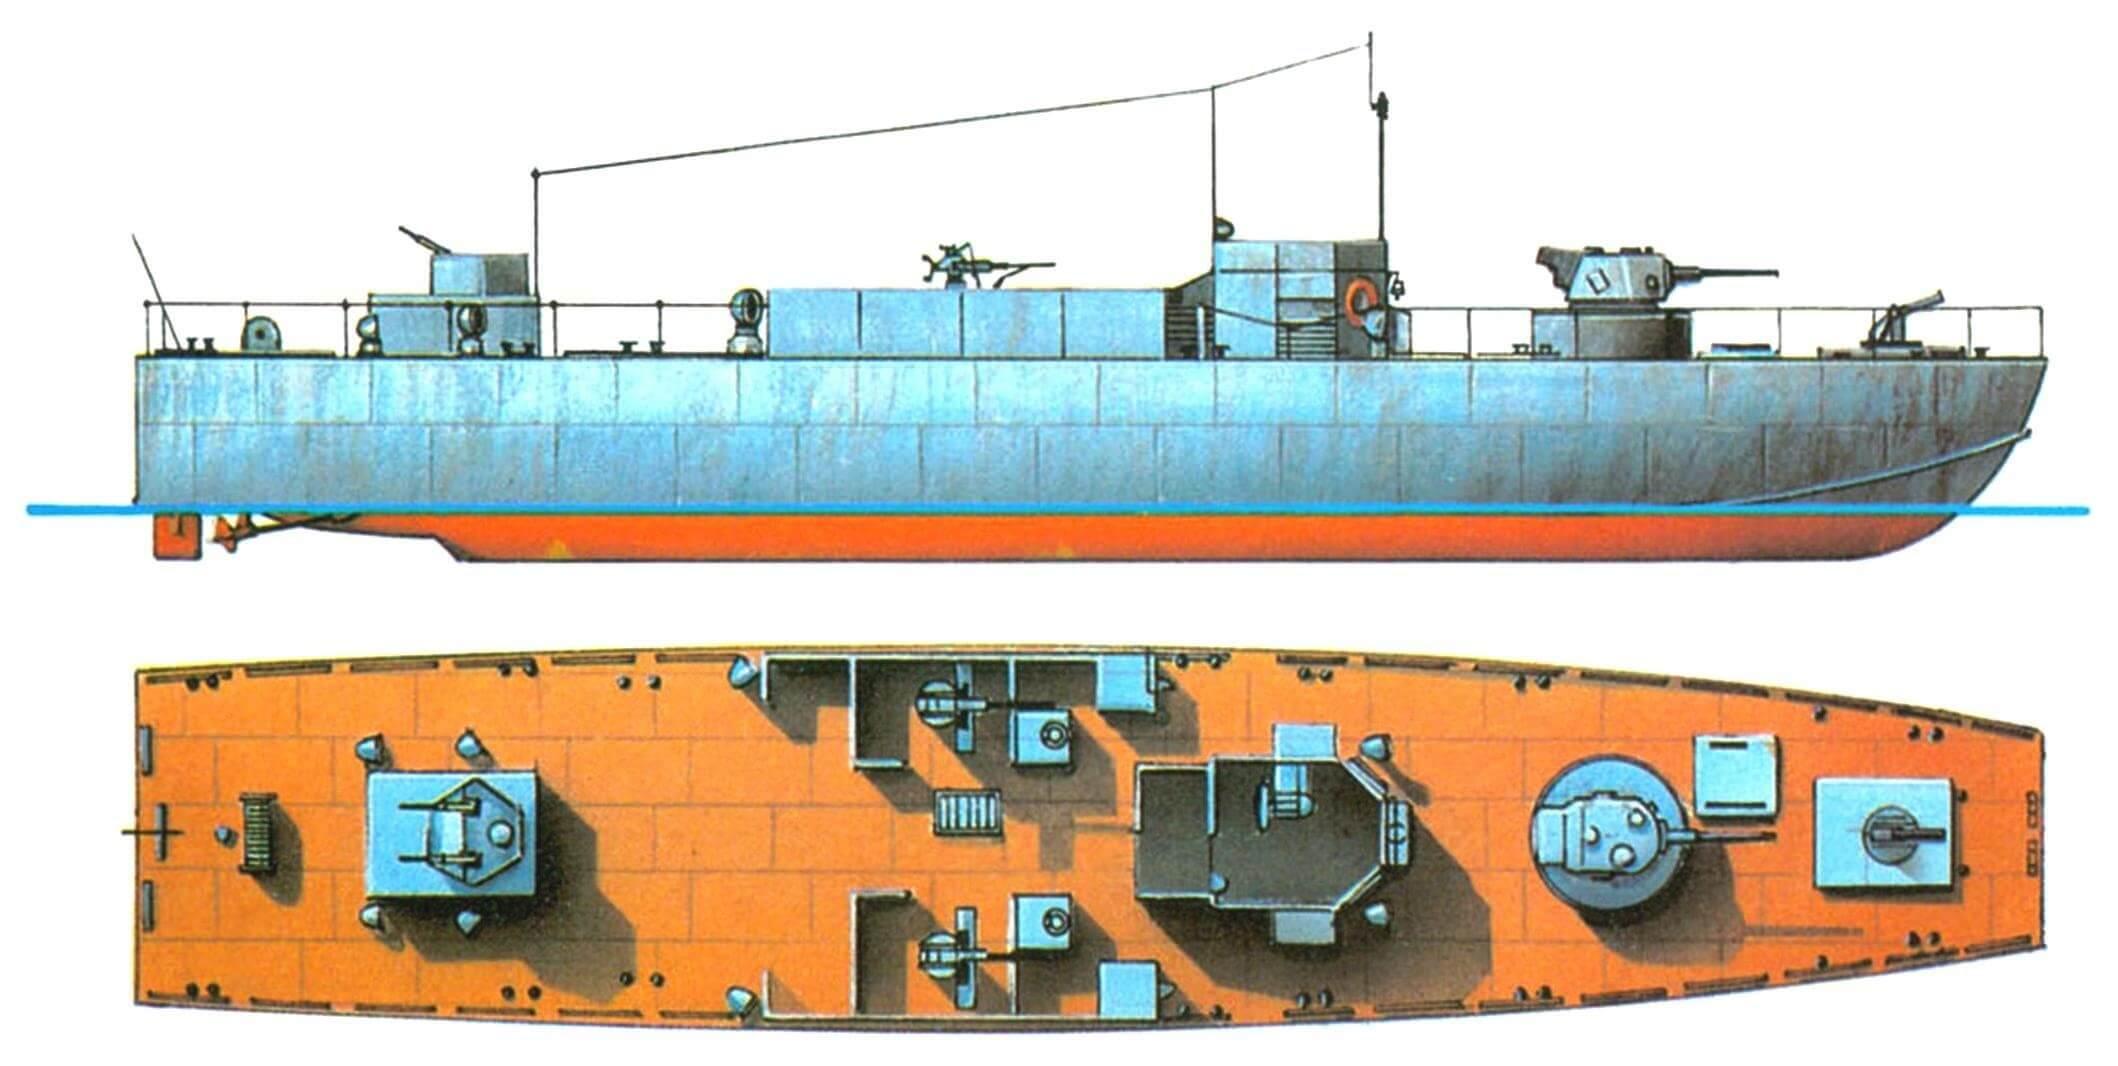 35. Катер ближней поддержки десанта LCS(L) Мк-2, Англия, 1942 г. Водоизмещение полное 116 т, длина 32 м, ширина 6,5 м, осадка 1,7 м. Два бензиновых двигателя общей мощностью 1140 л.с., скорость 14 узлов. Вооружение: одно 57-мм орудие в танковой башне, два 20-мм автомата, два 12,7-мм пулемета, один миномет.